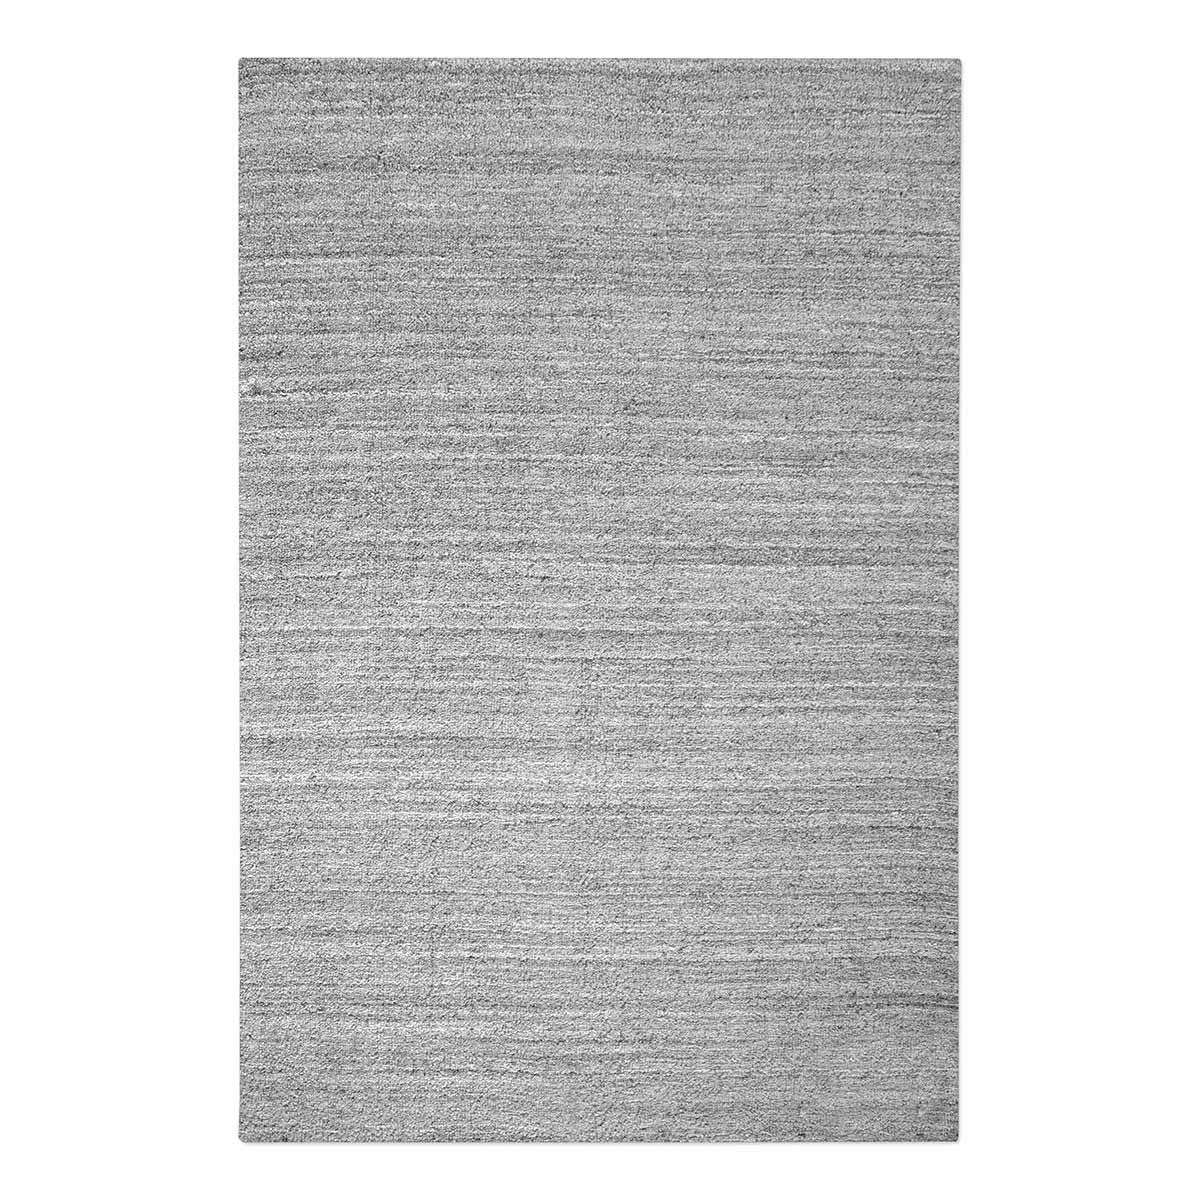 Uttermost Midas 9 x 12 Rug - Light Gray